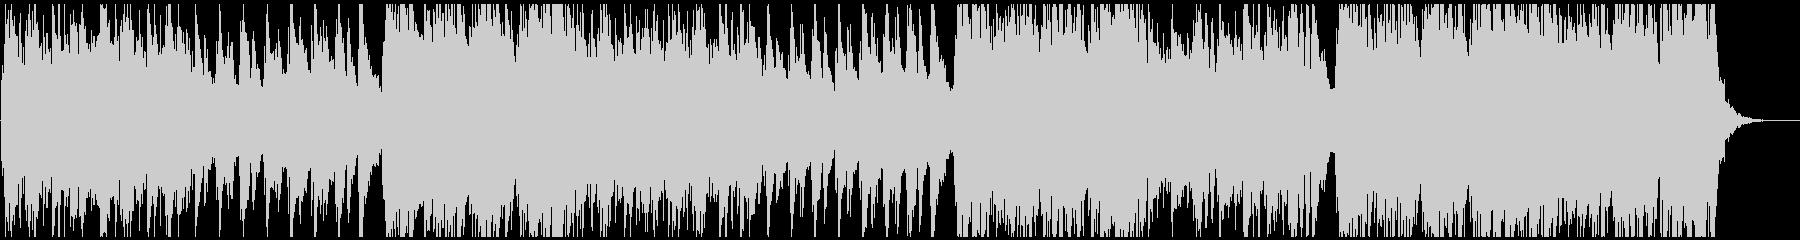 ドラムレス、美しいアルペジオバラードの未再生の波形